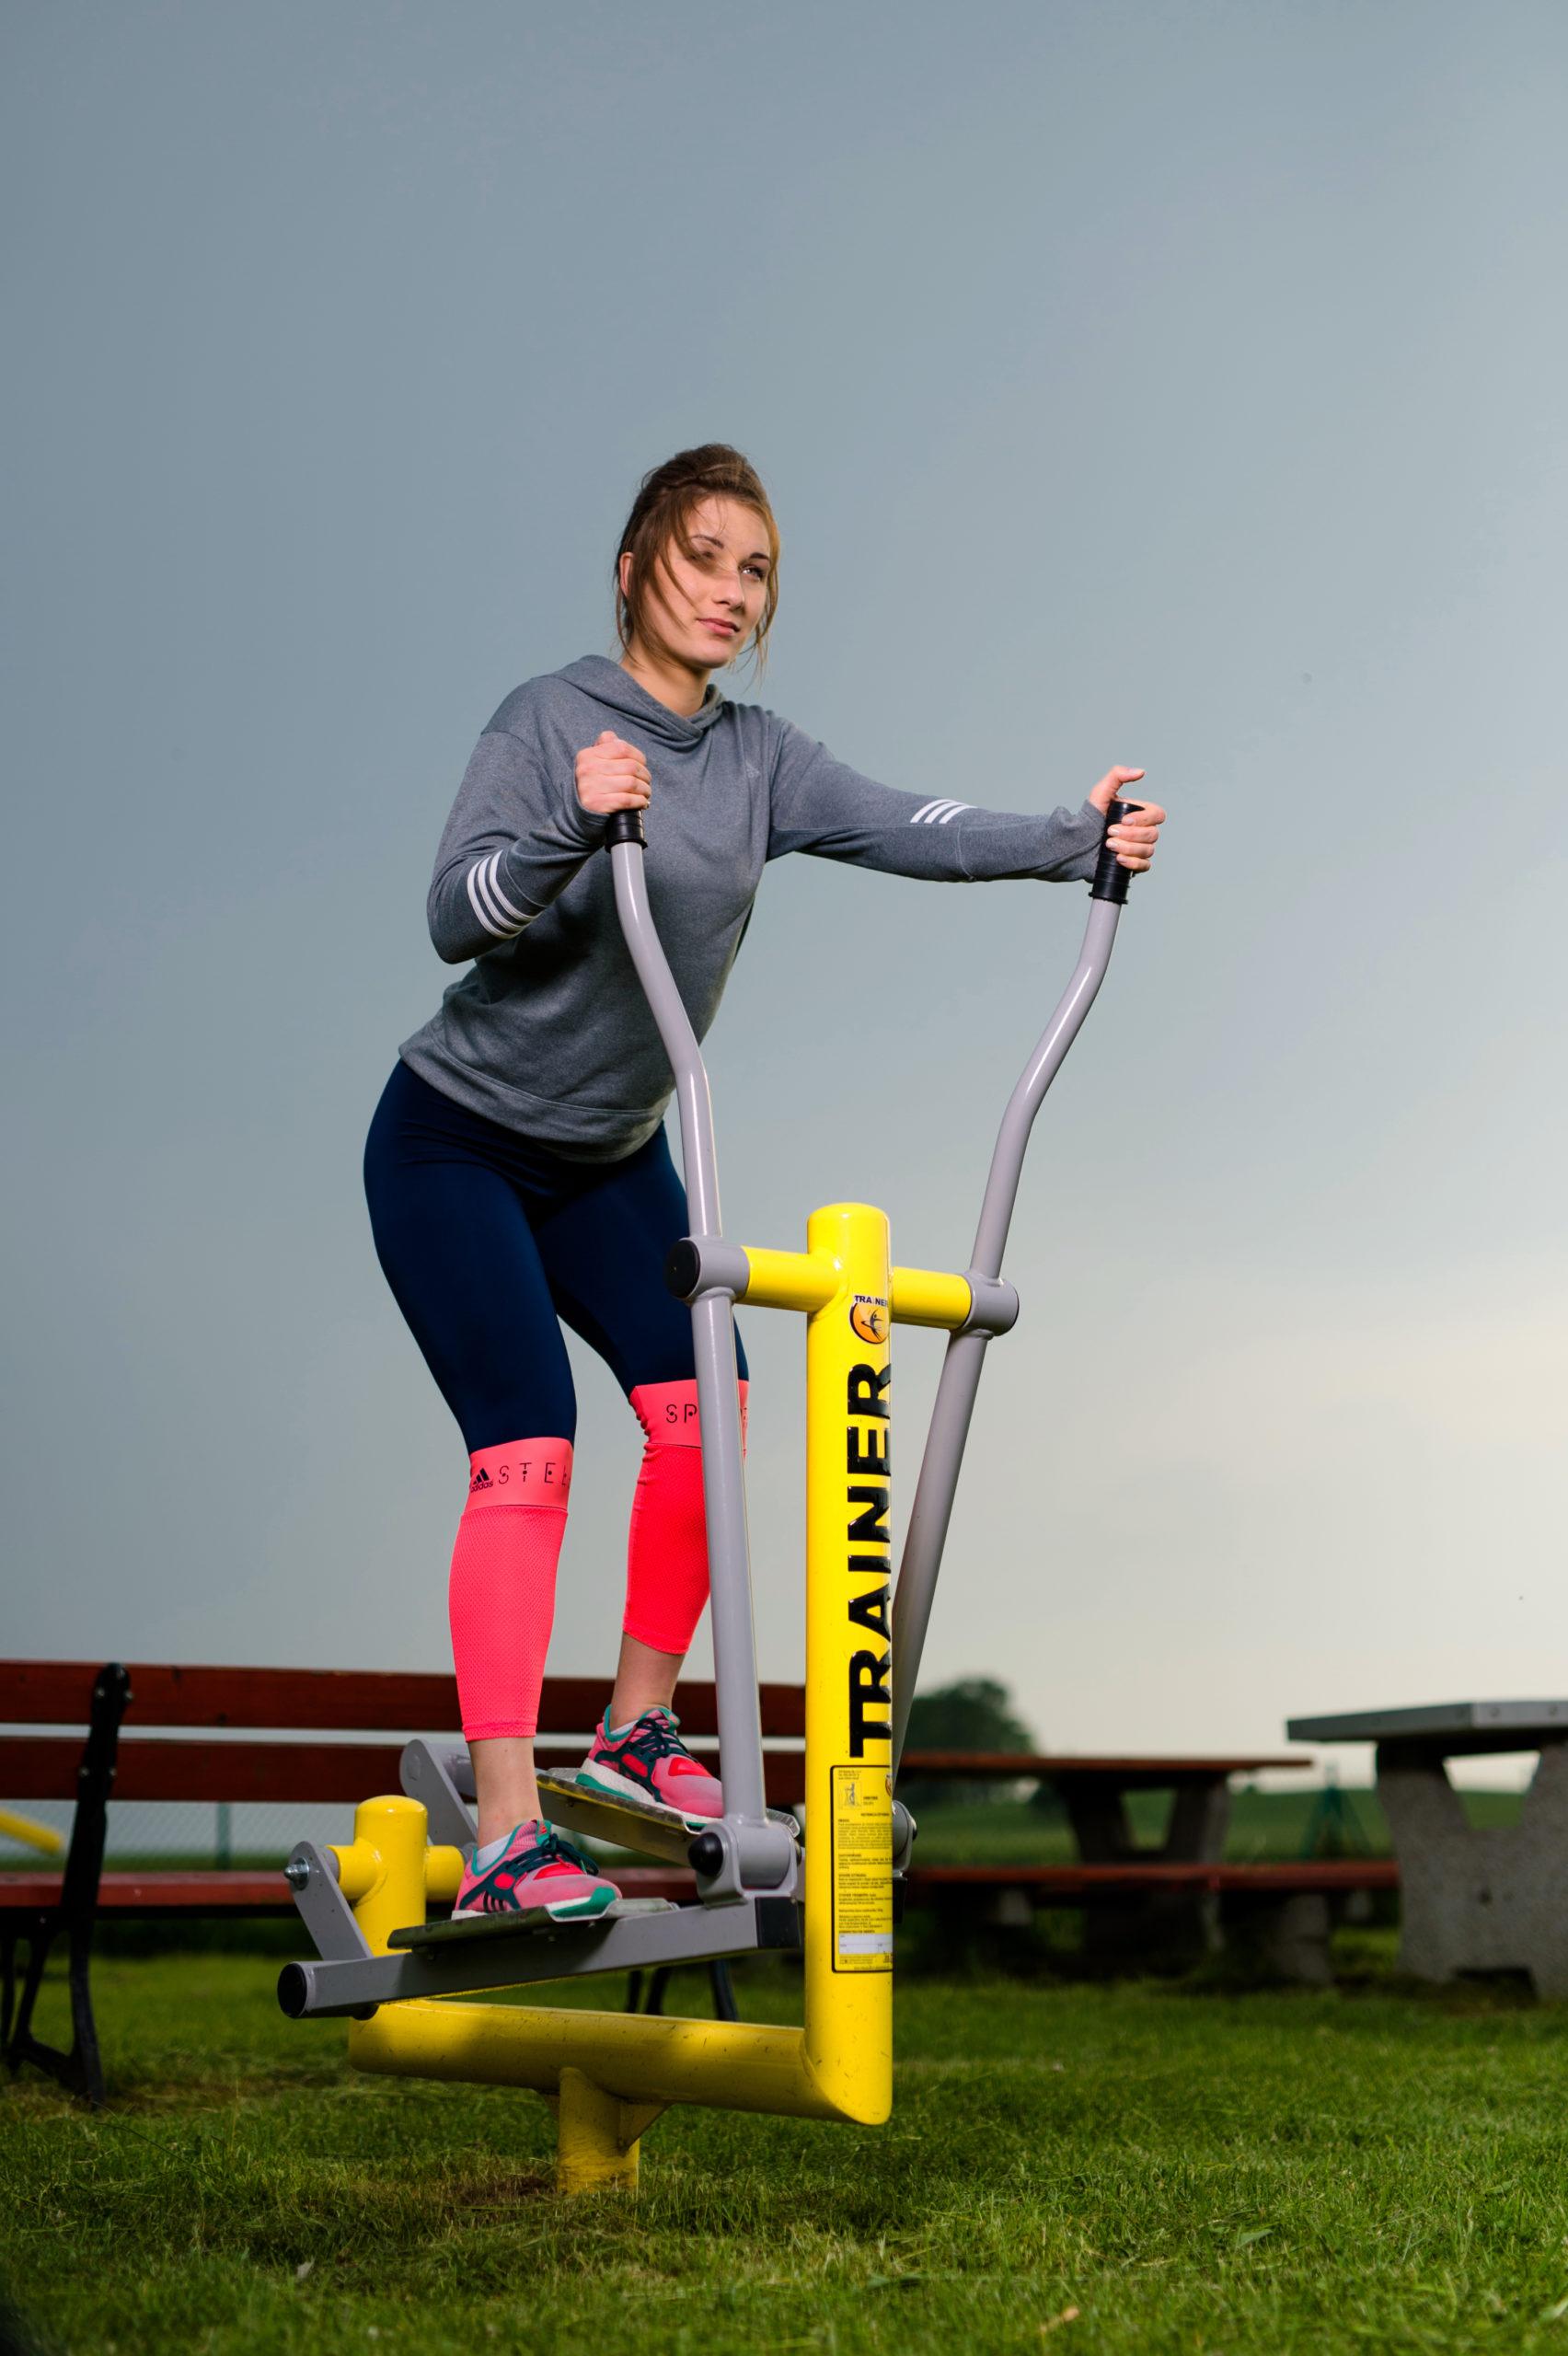 Urządzenia do ćwiczeń aerobowych